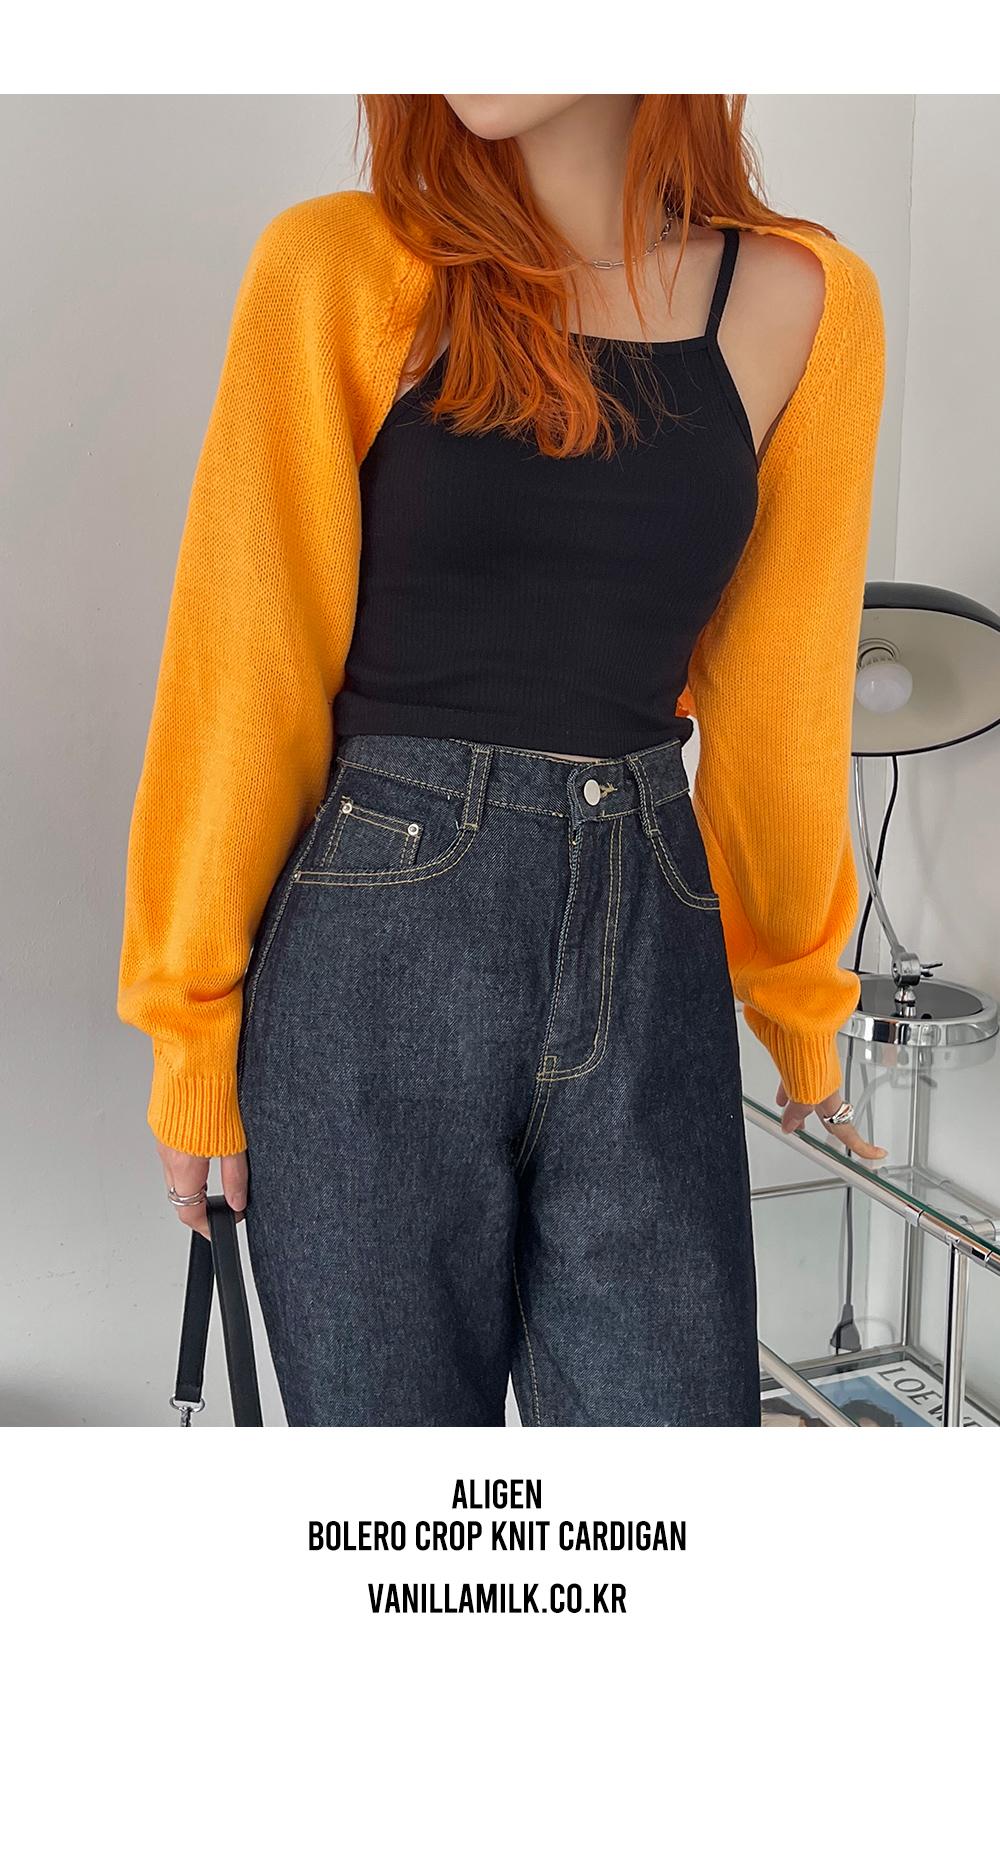 Aligen Bolero Cropped Knitwear Cardigan